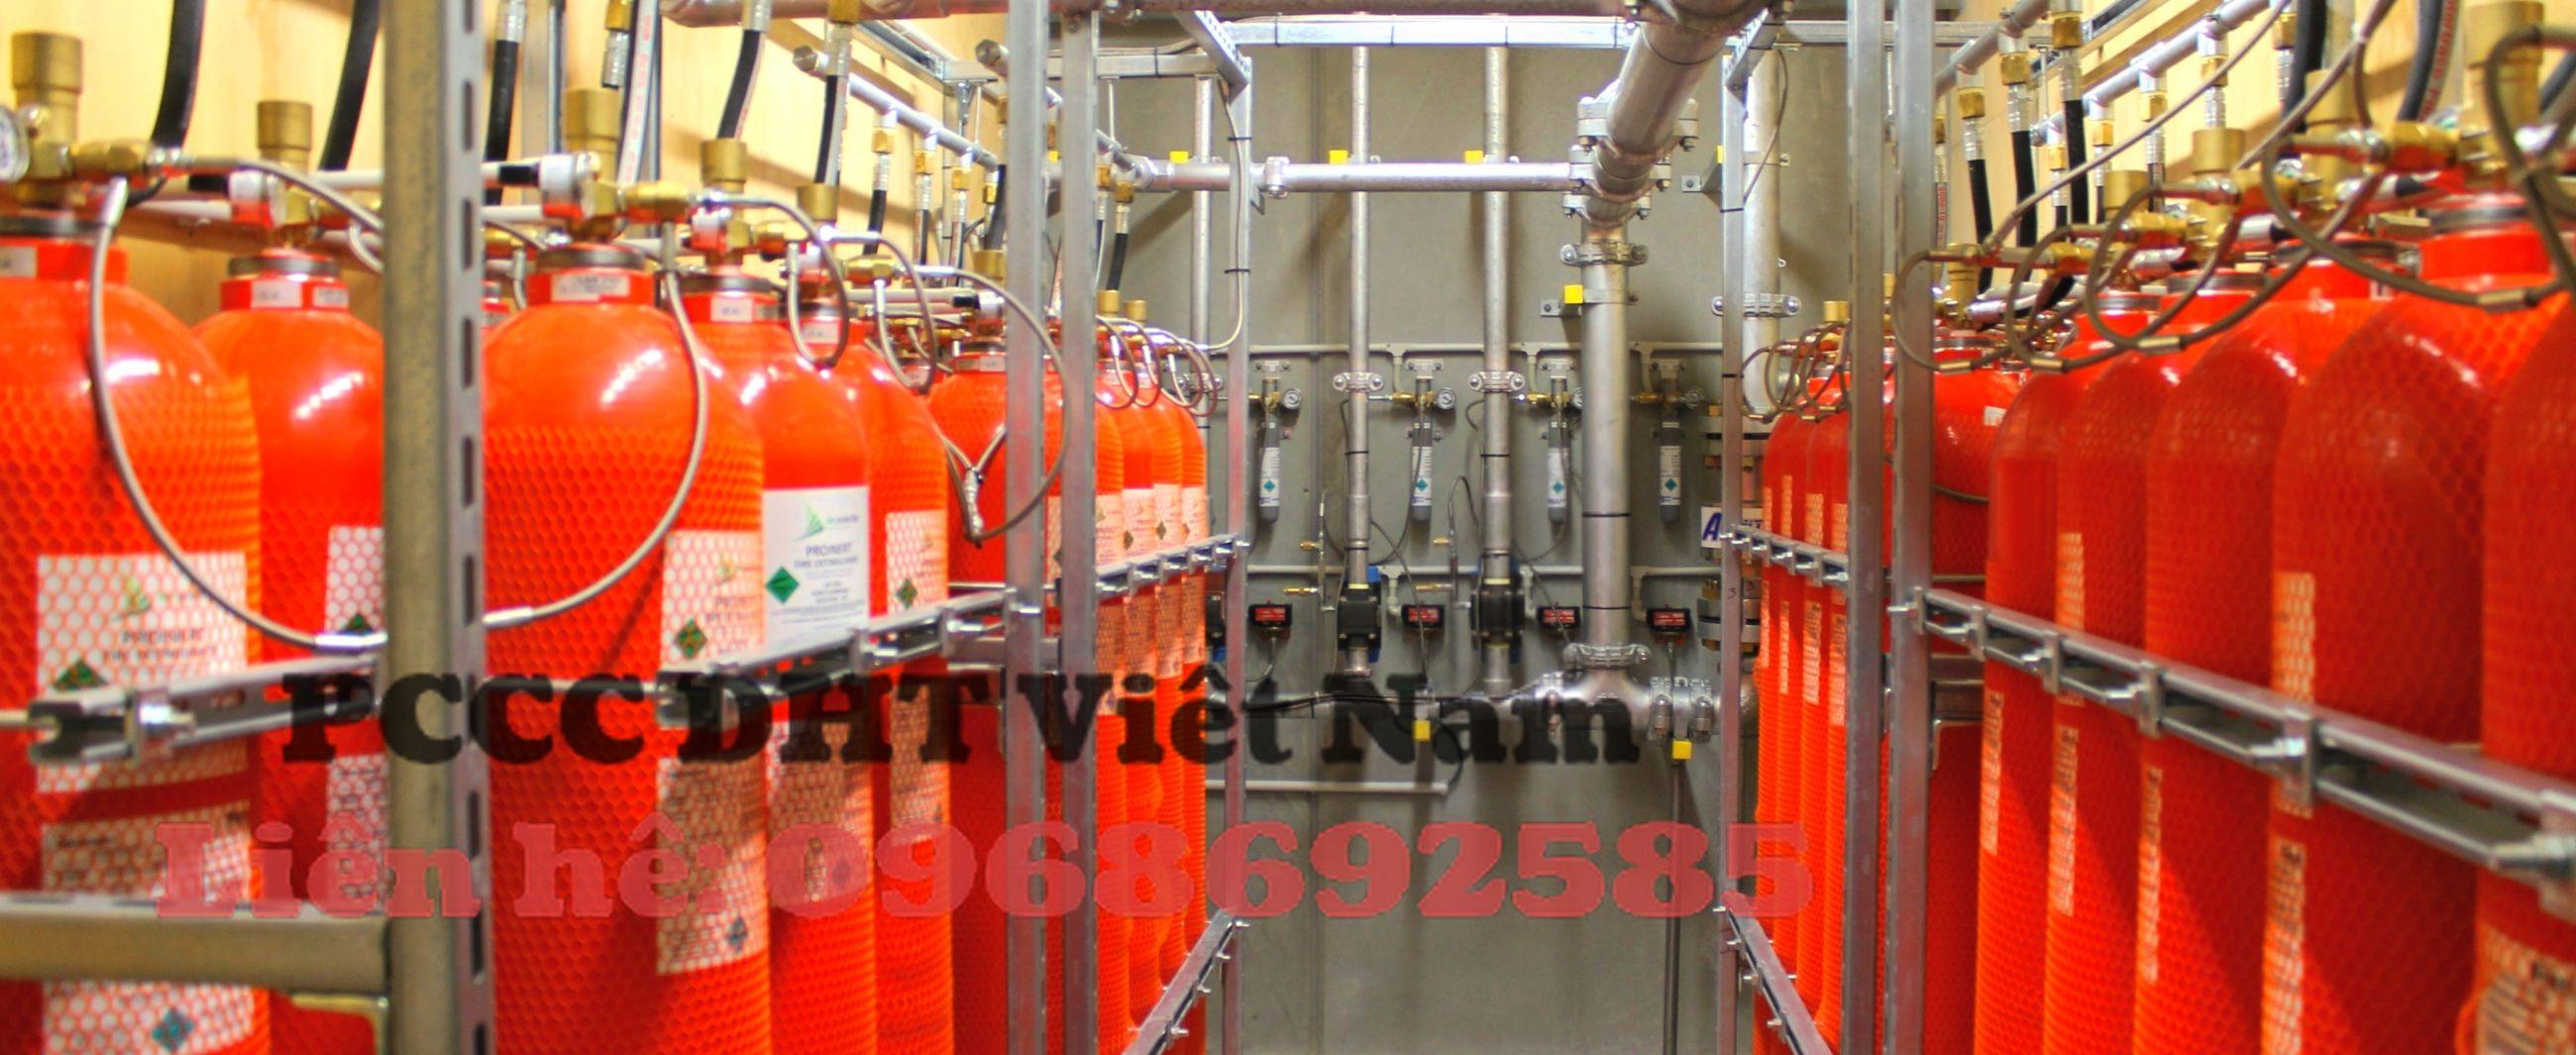 Thiết bị chữa cháy tại khu công nghiệp Quốc Tuấn – Thanh Bình.